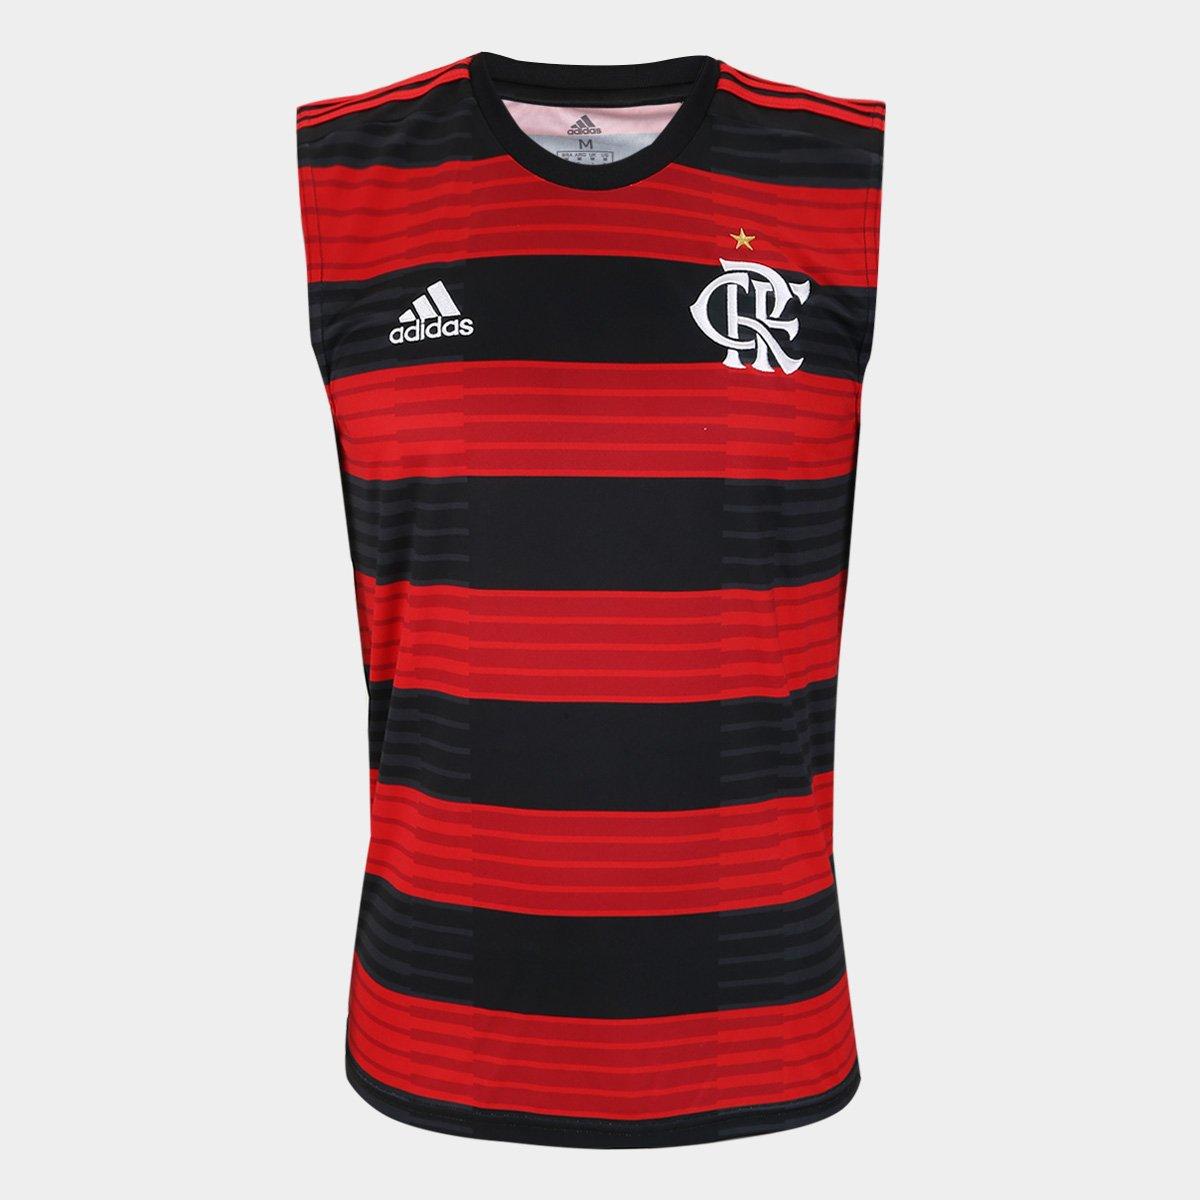 Regata Flamengo I 2018 Torcedor Adidas Masculina - Compre Agora ... ed063ad4bf29d